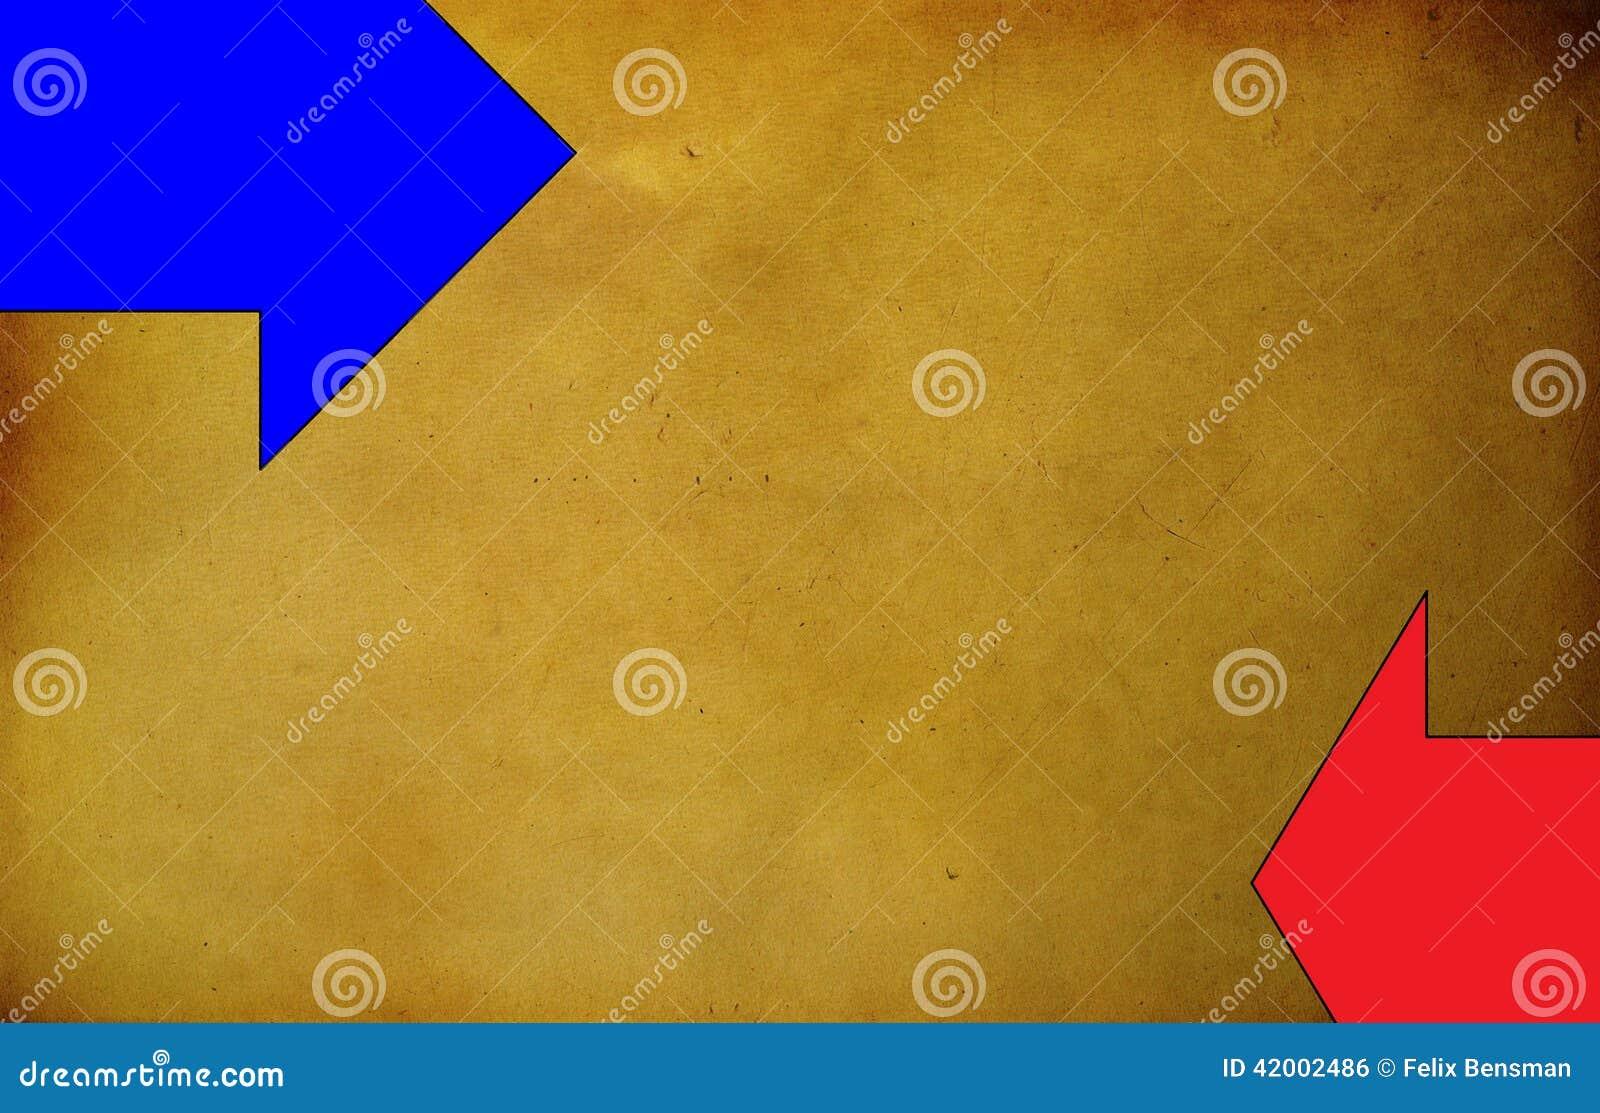 Oranje grungeachtergrond met twee horizontale pijlen